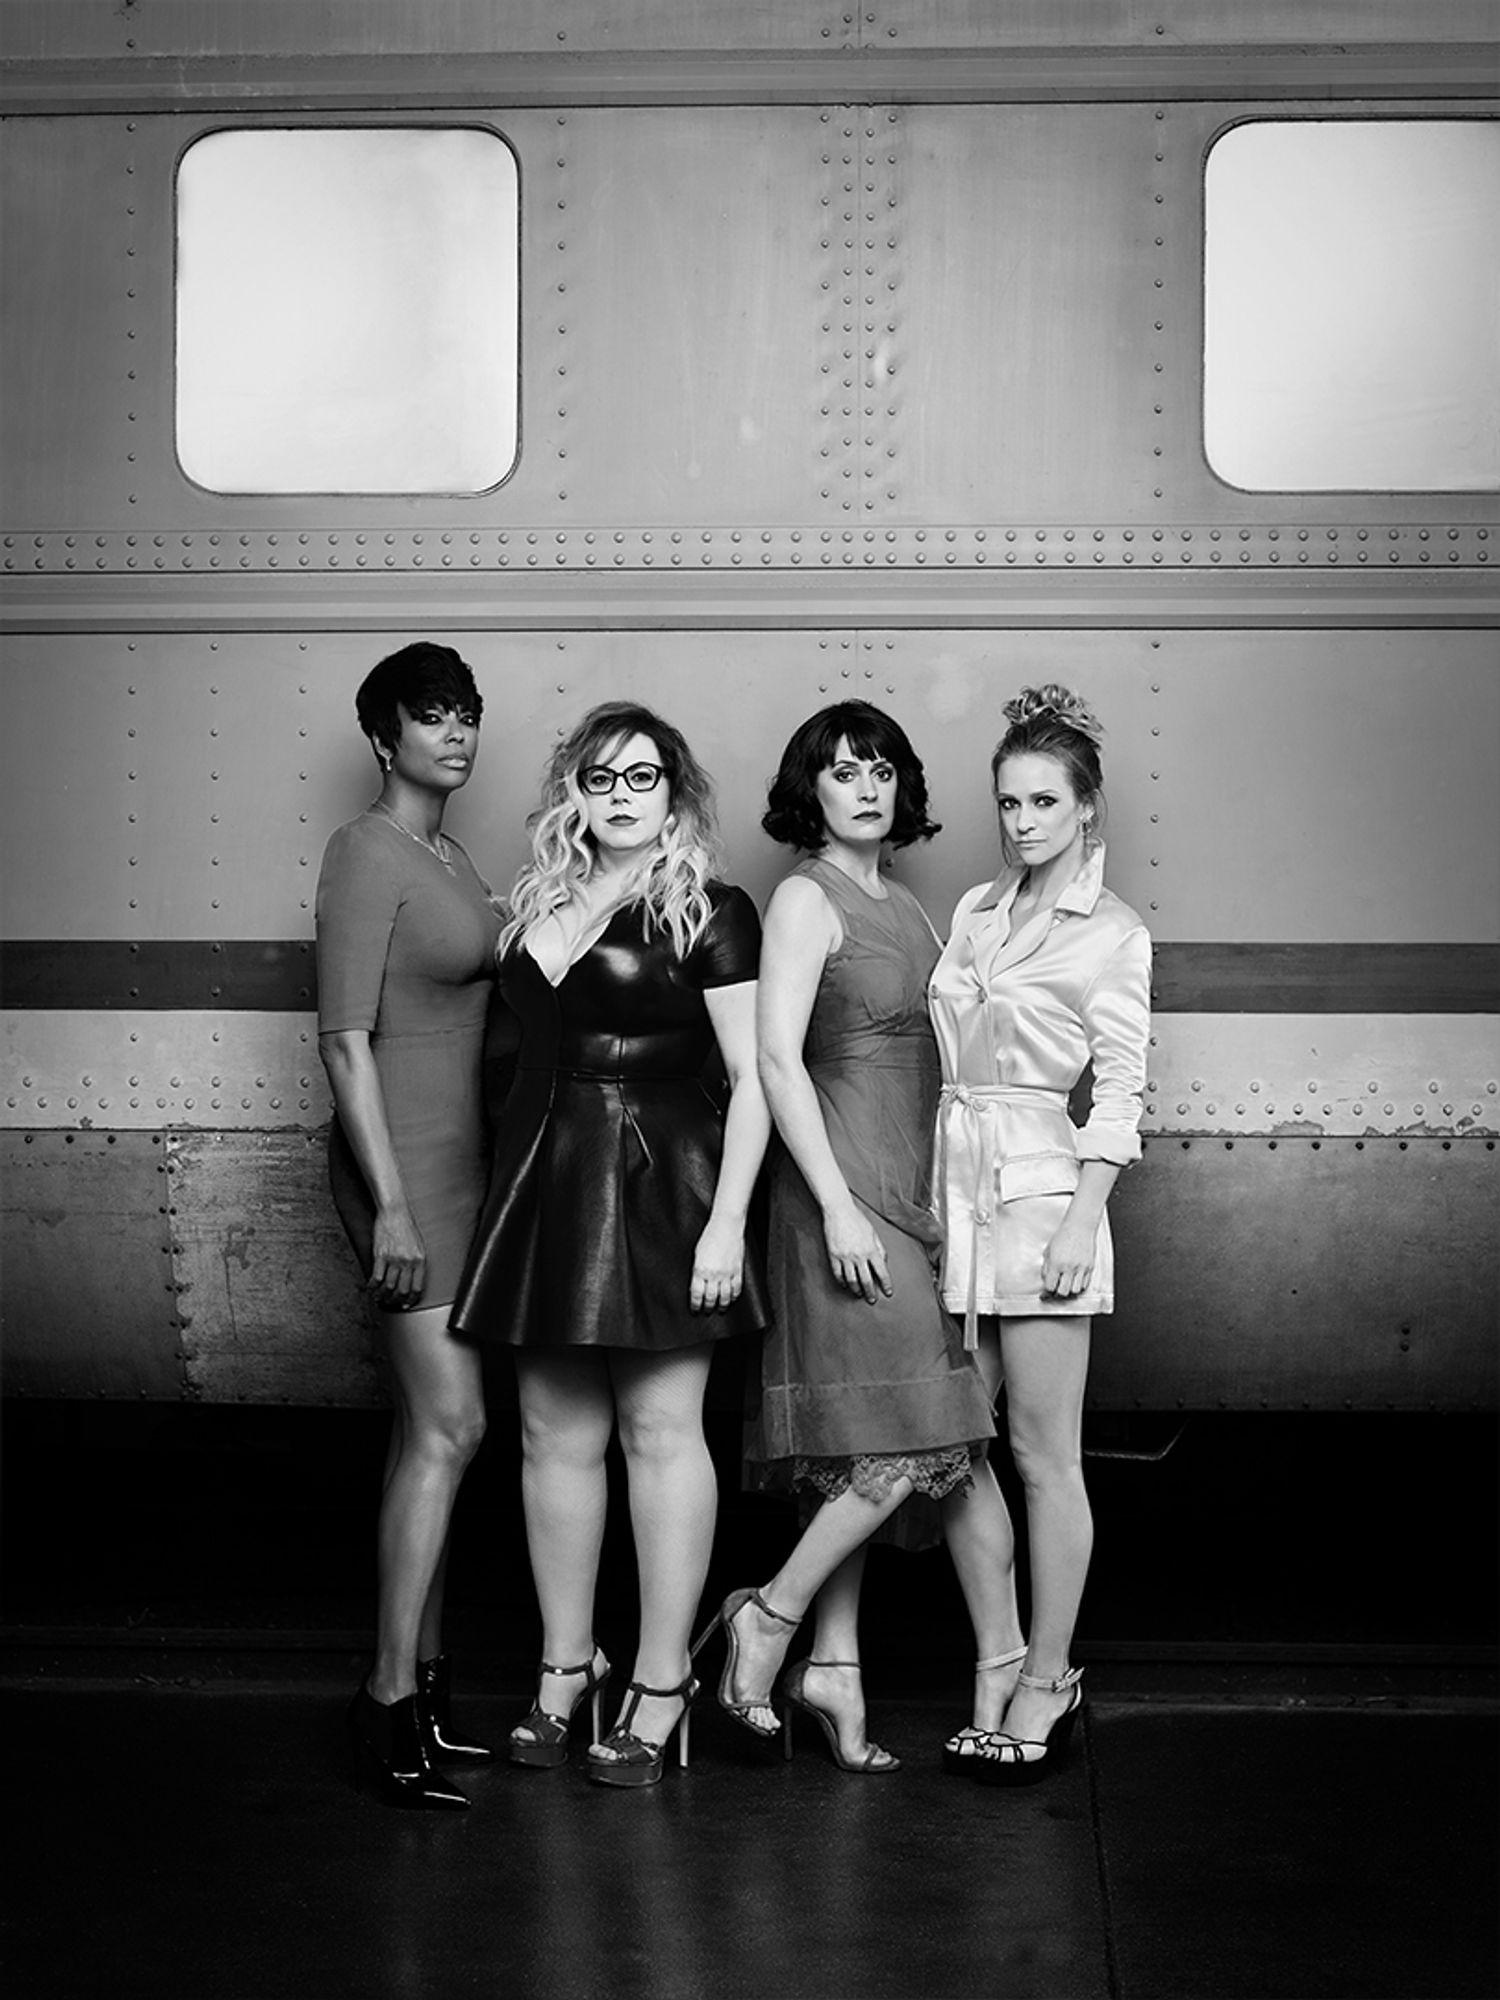 Criminal Minds female cast